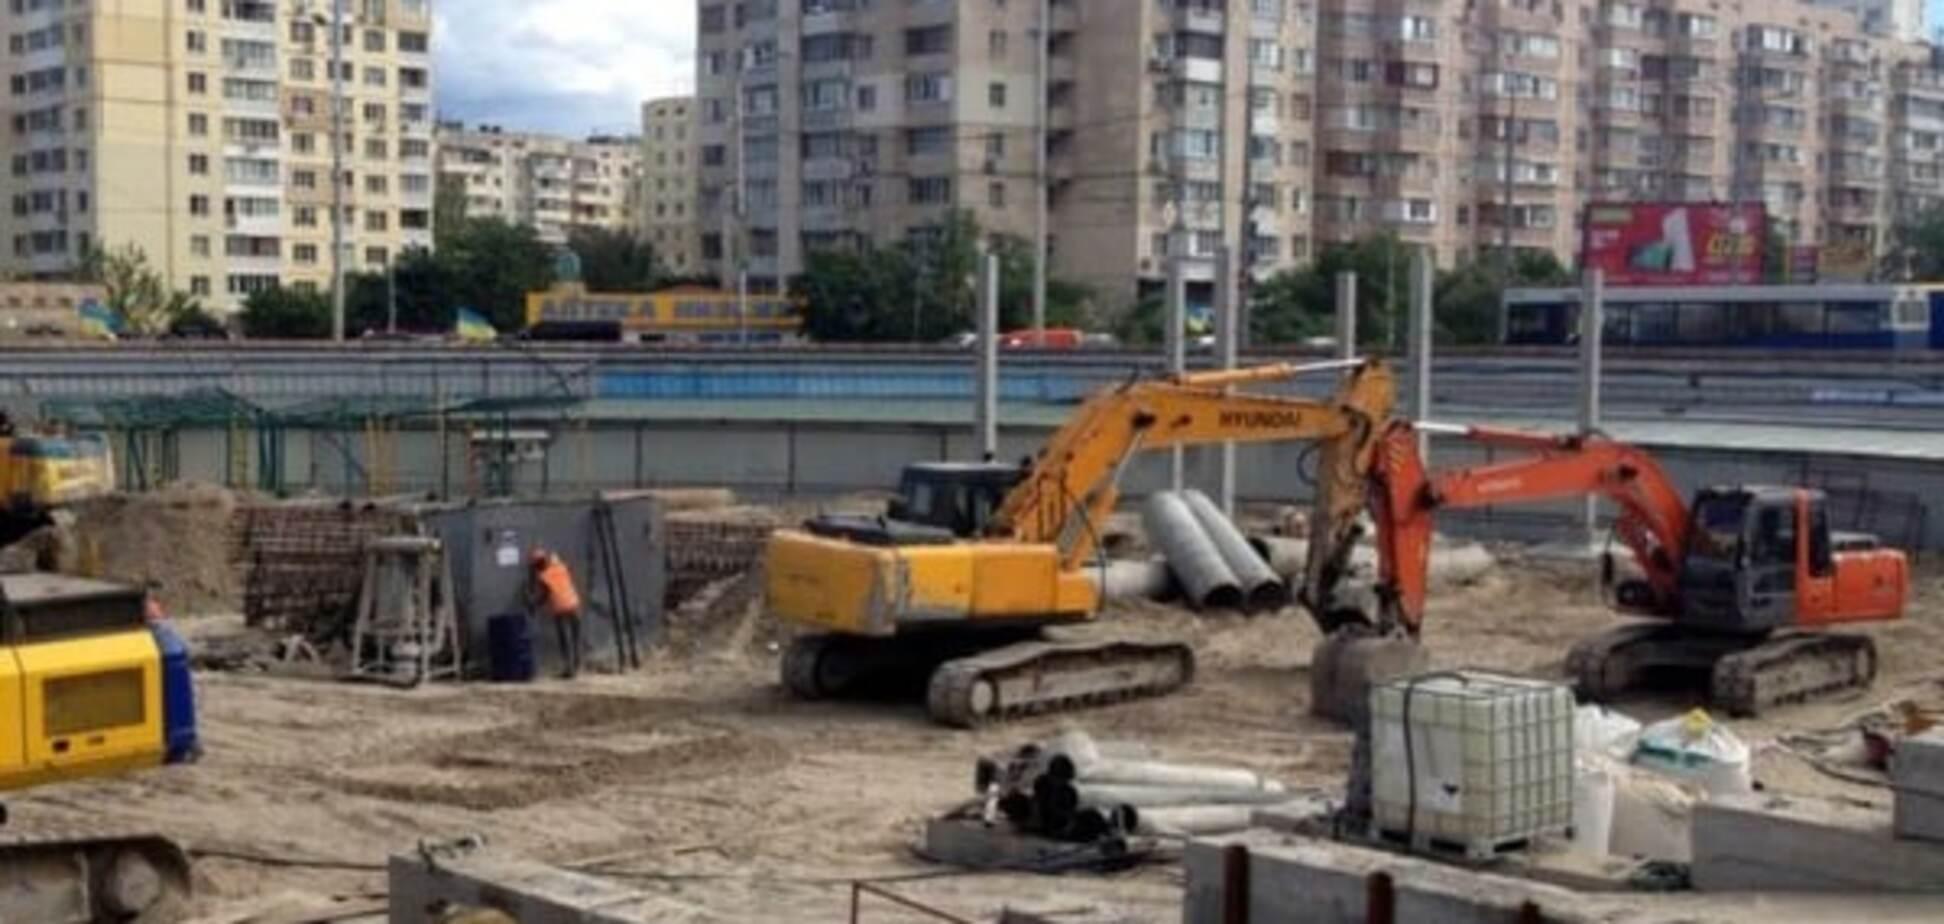 Мер Києва роз'яснив ситуацію з ТРЦ на 'Героїв Дніпра'